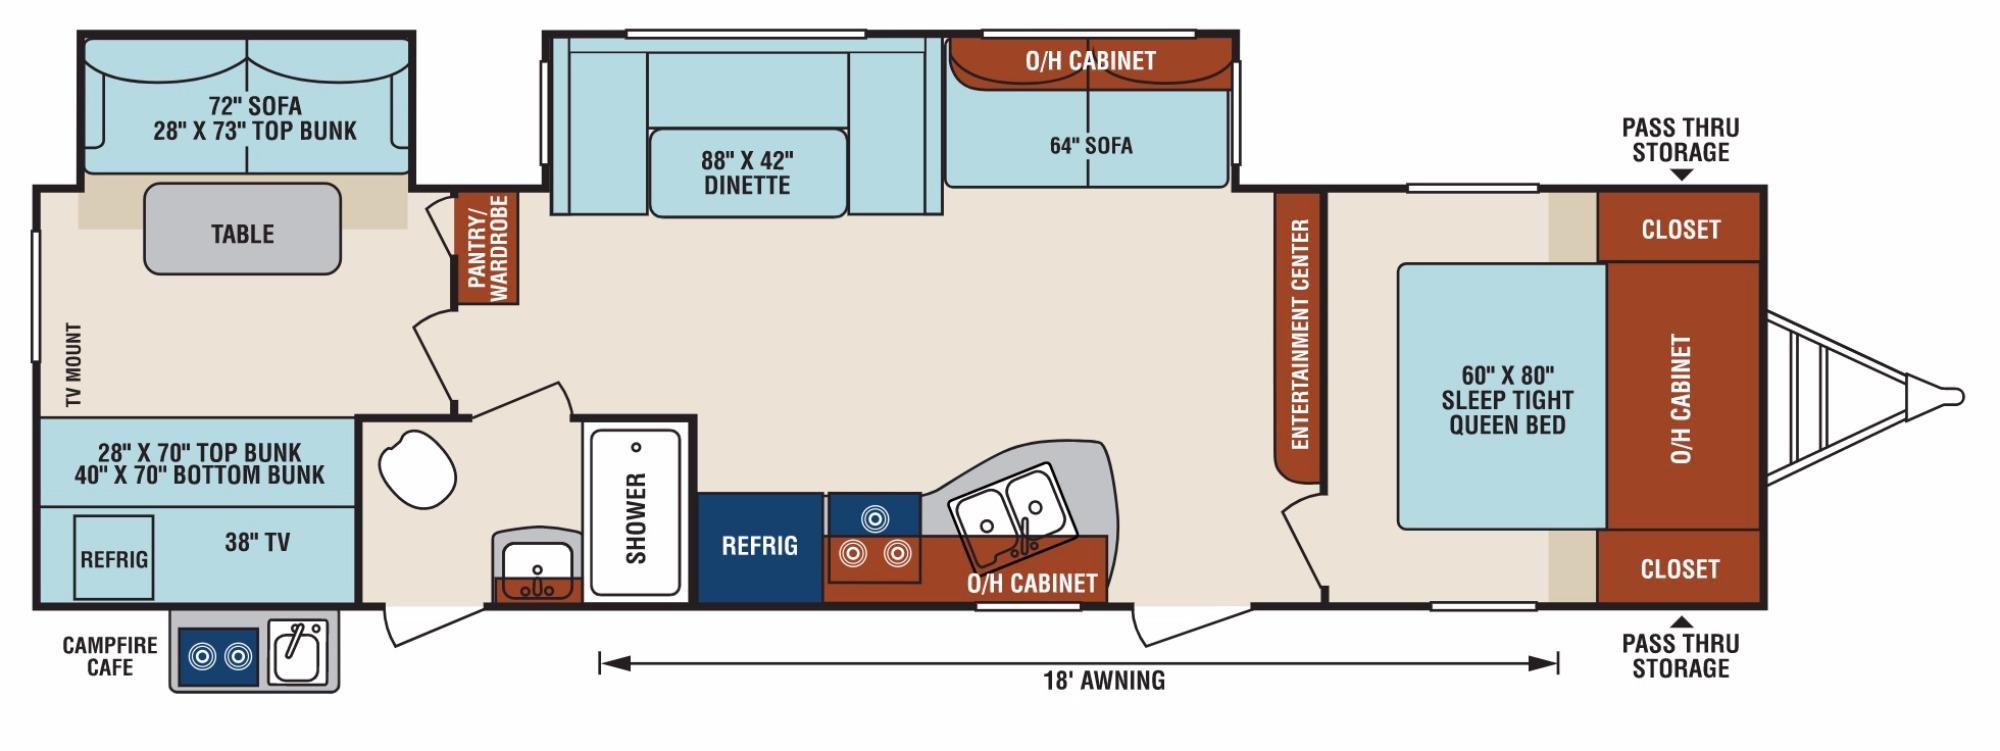 View Floor Plan for 2018 VENTURE RV SPORTTREK 322VBH